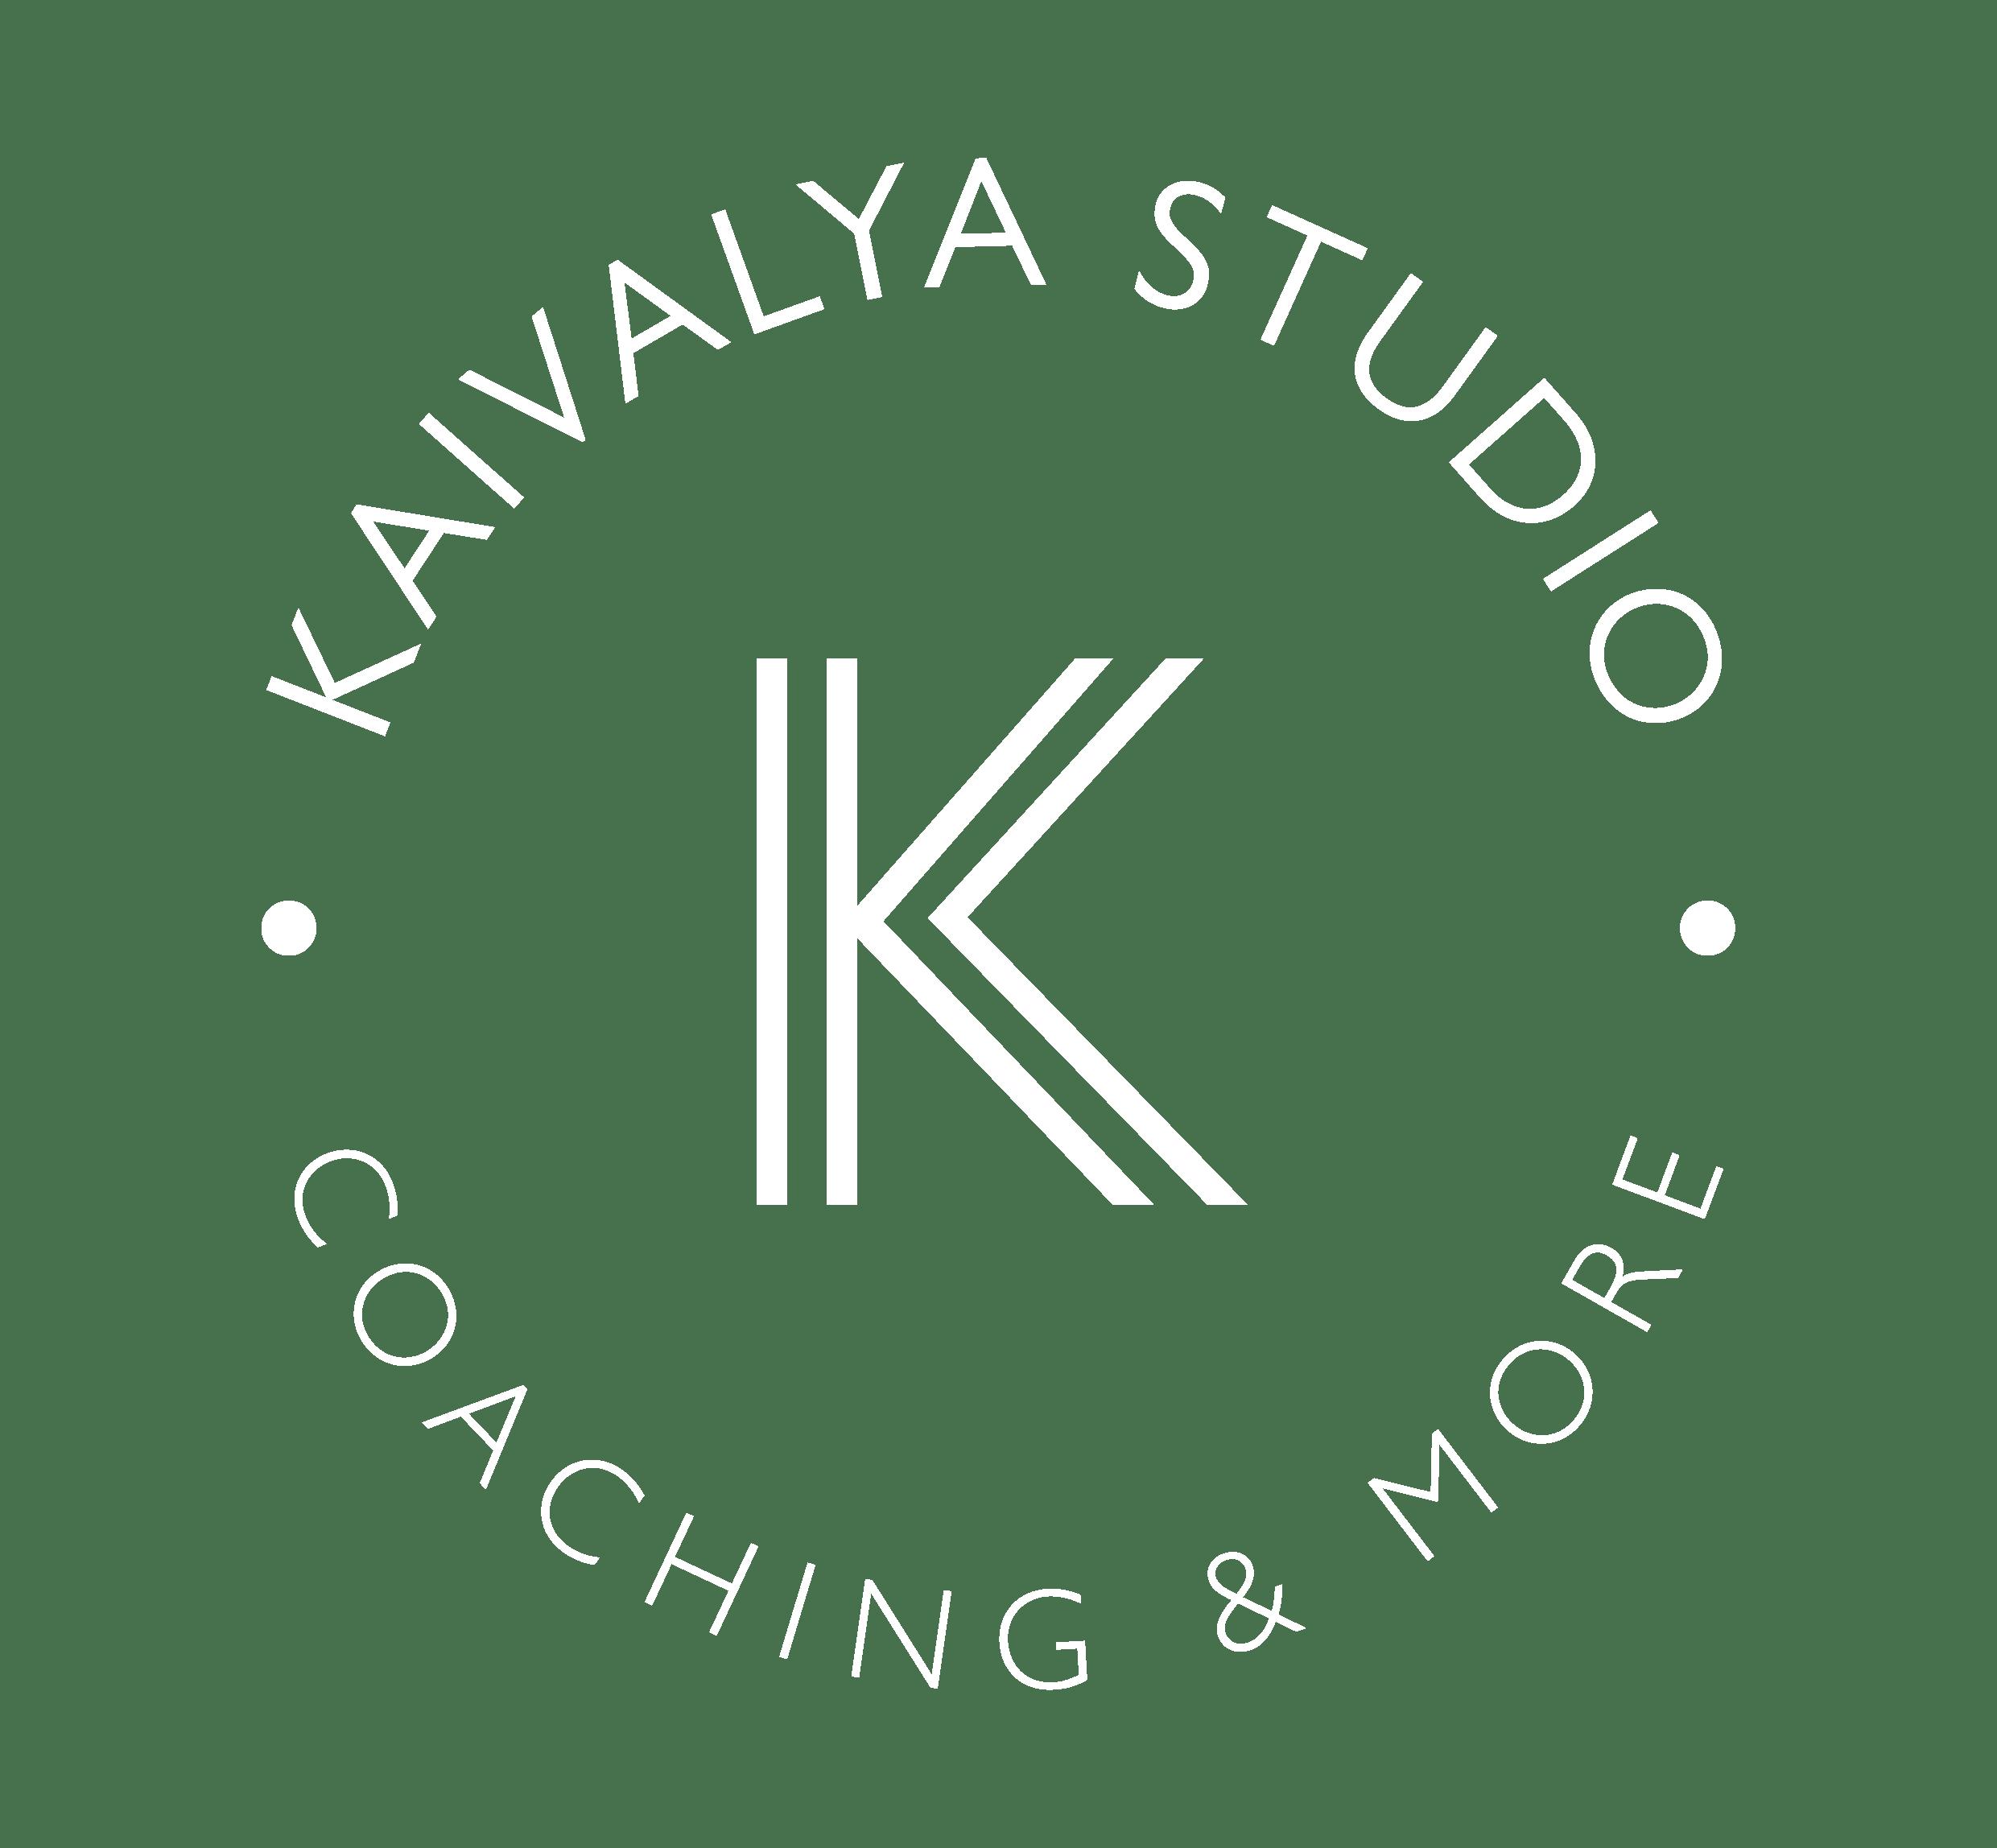 kaivalya Coaching